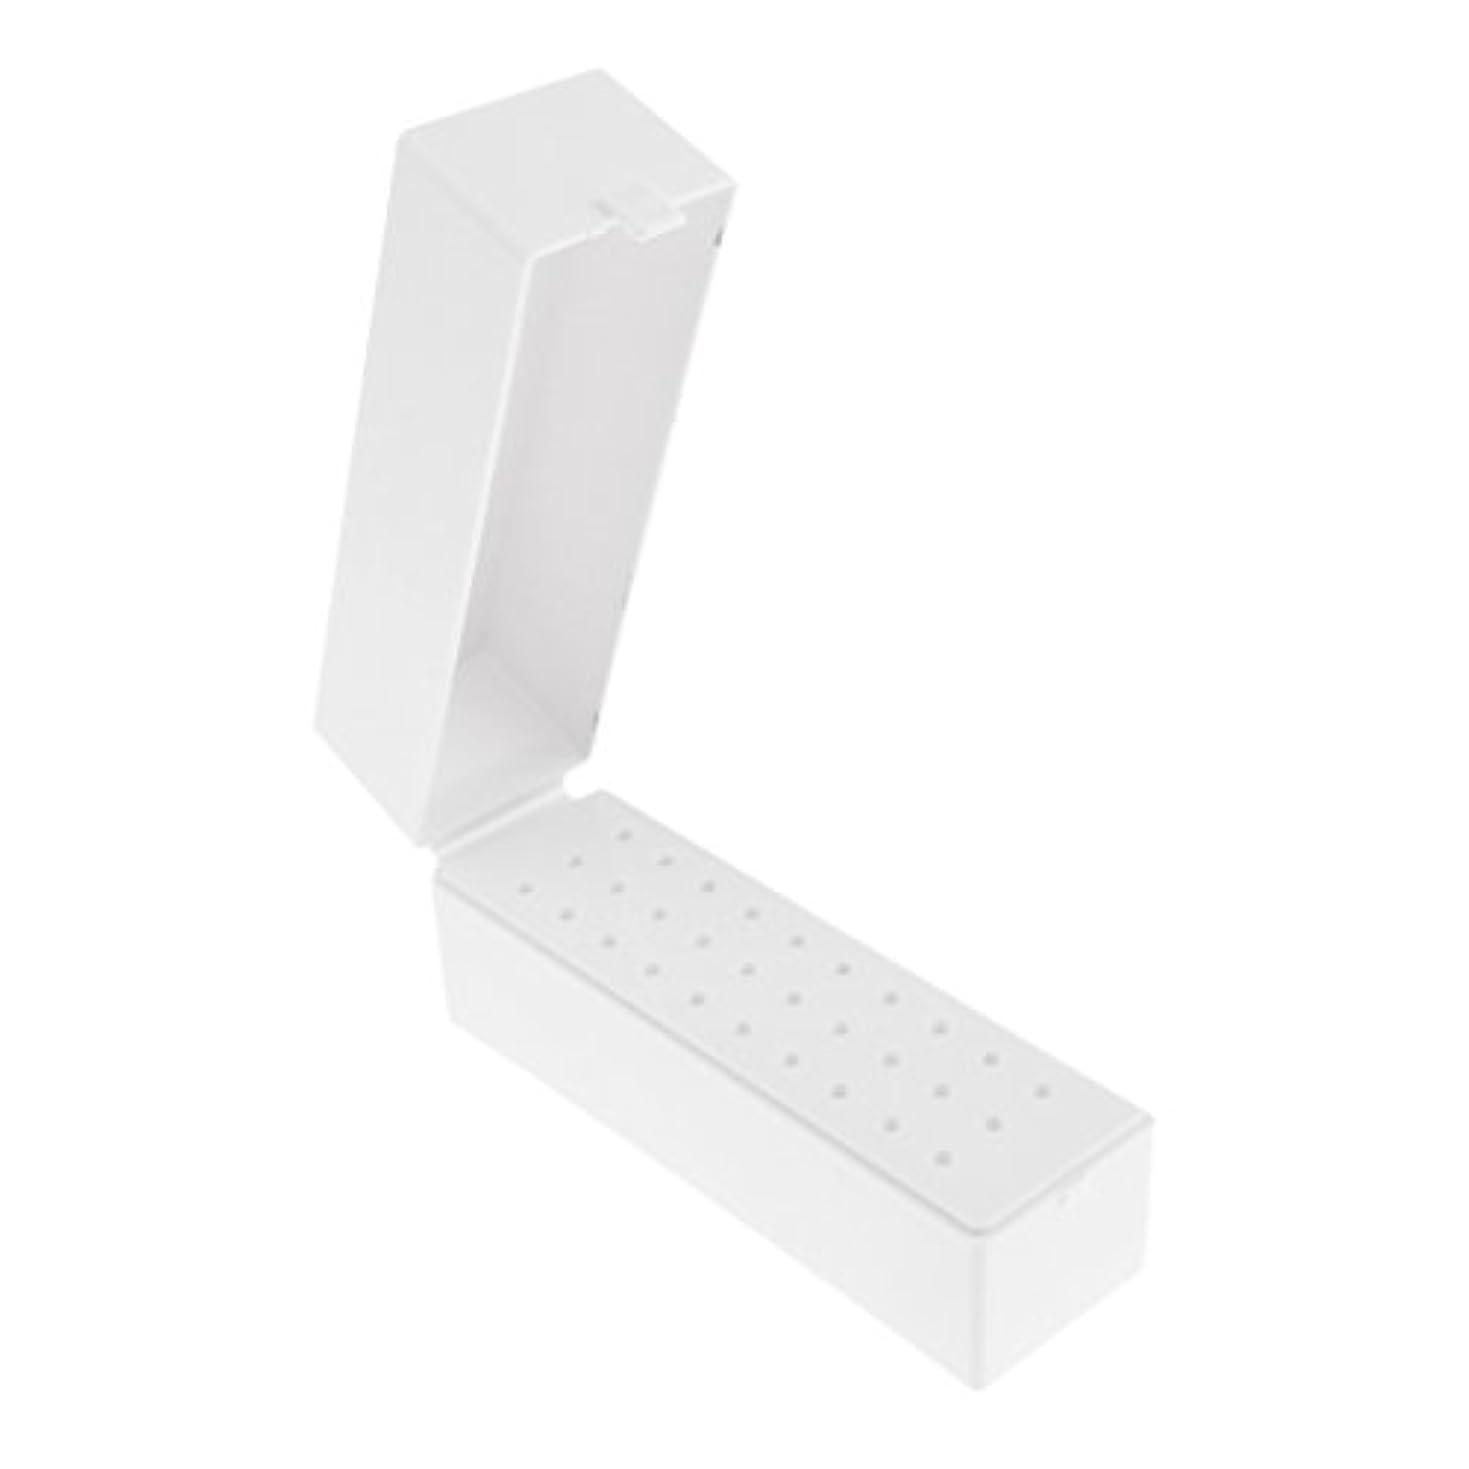 周辺膨らみ団結する30穴プラスチックネイルアートツールボックスネイルドリルビットホルダー防塵スタンド収納オーガナイザー